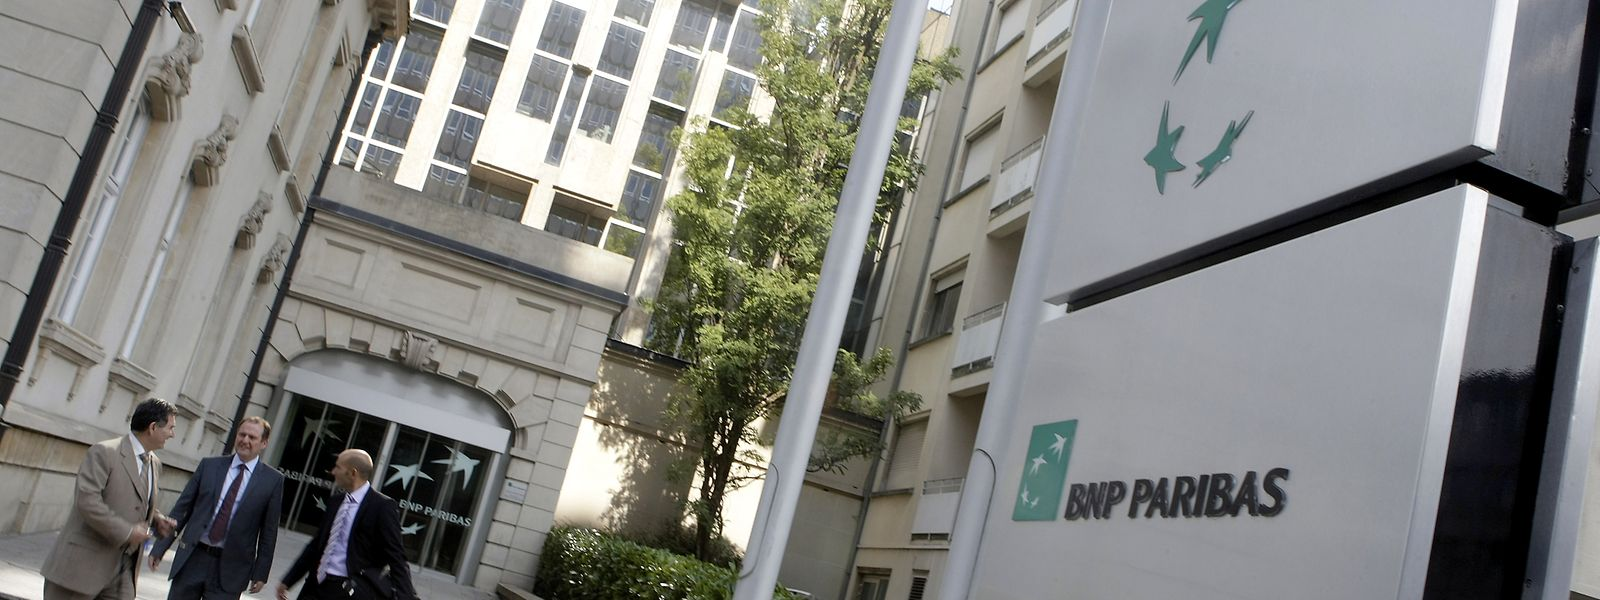 Zu viele Banken in Europa, die das Gleiche tun - das schwächt die Rentabilität, so die Europäische Zentralbank in Frankfurt.